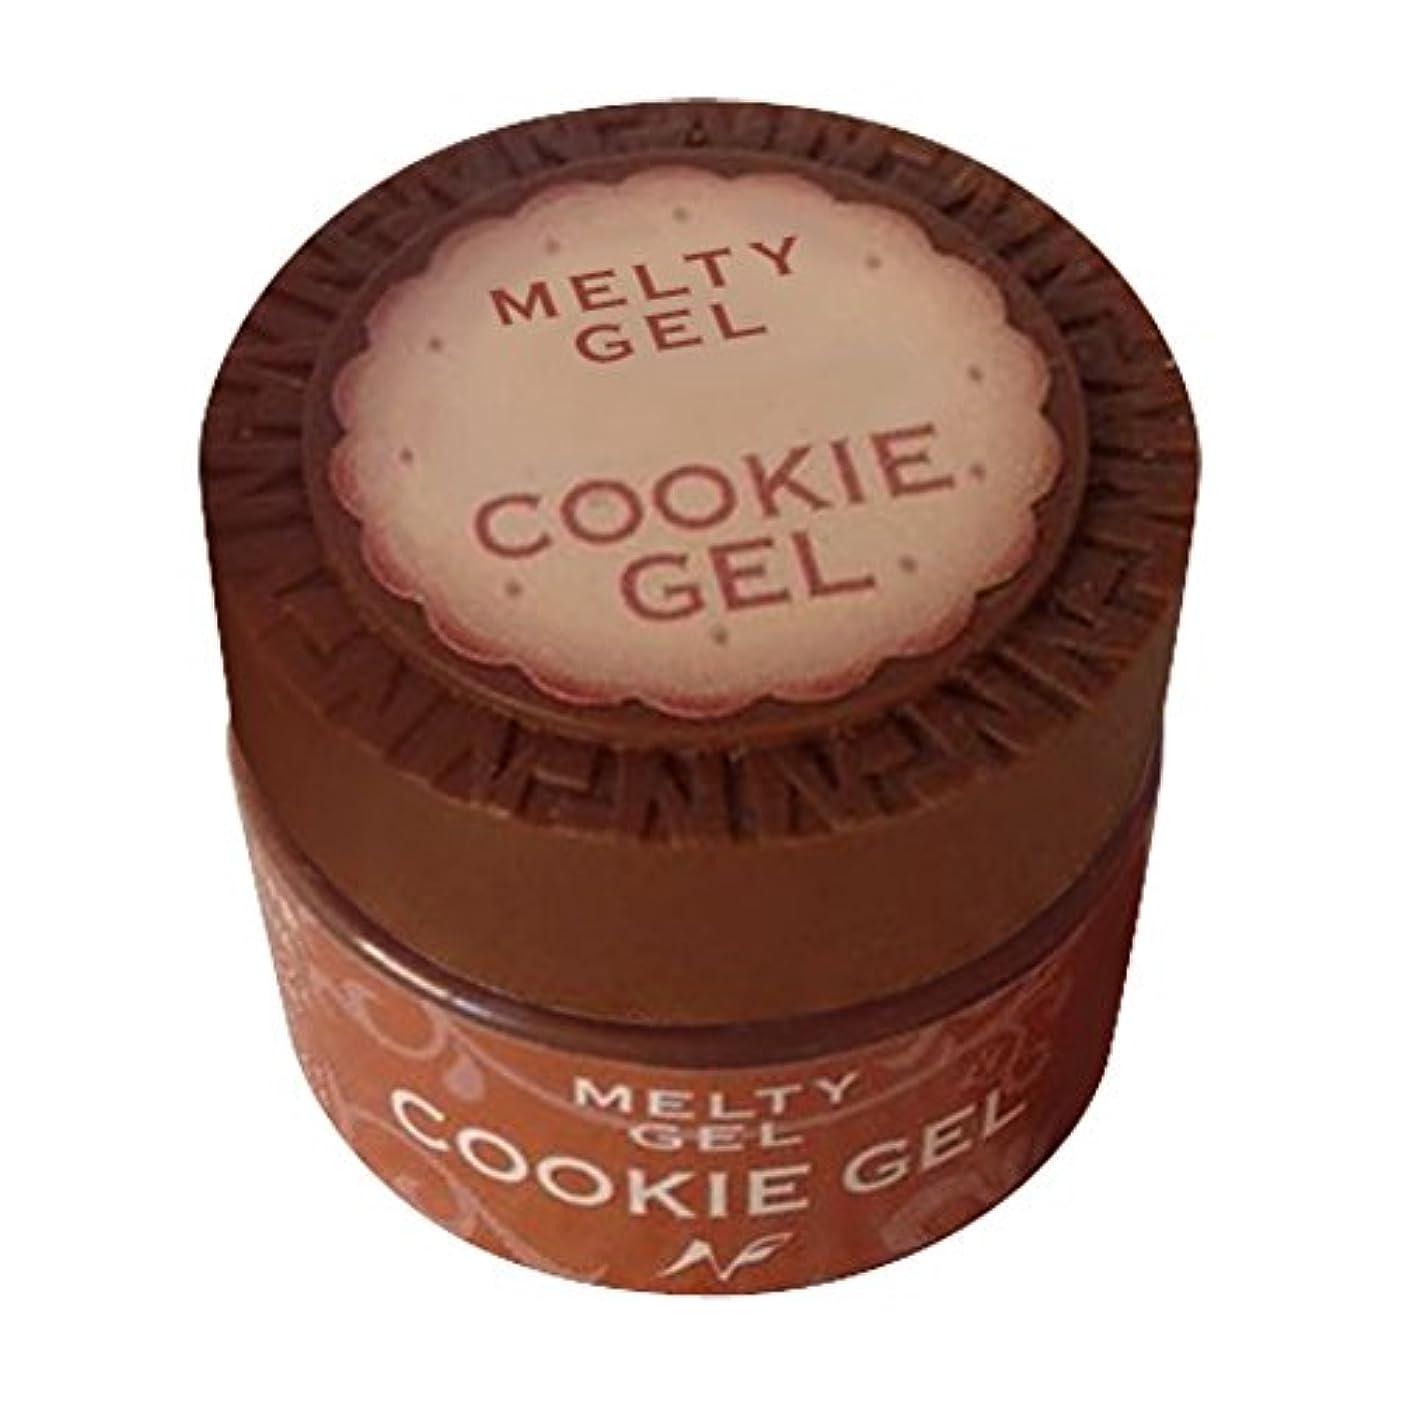 定期的にくるみ哺乳類Natural Field Melty Gel クッキージェル 3903サンセットレッド 5g